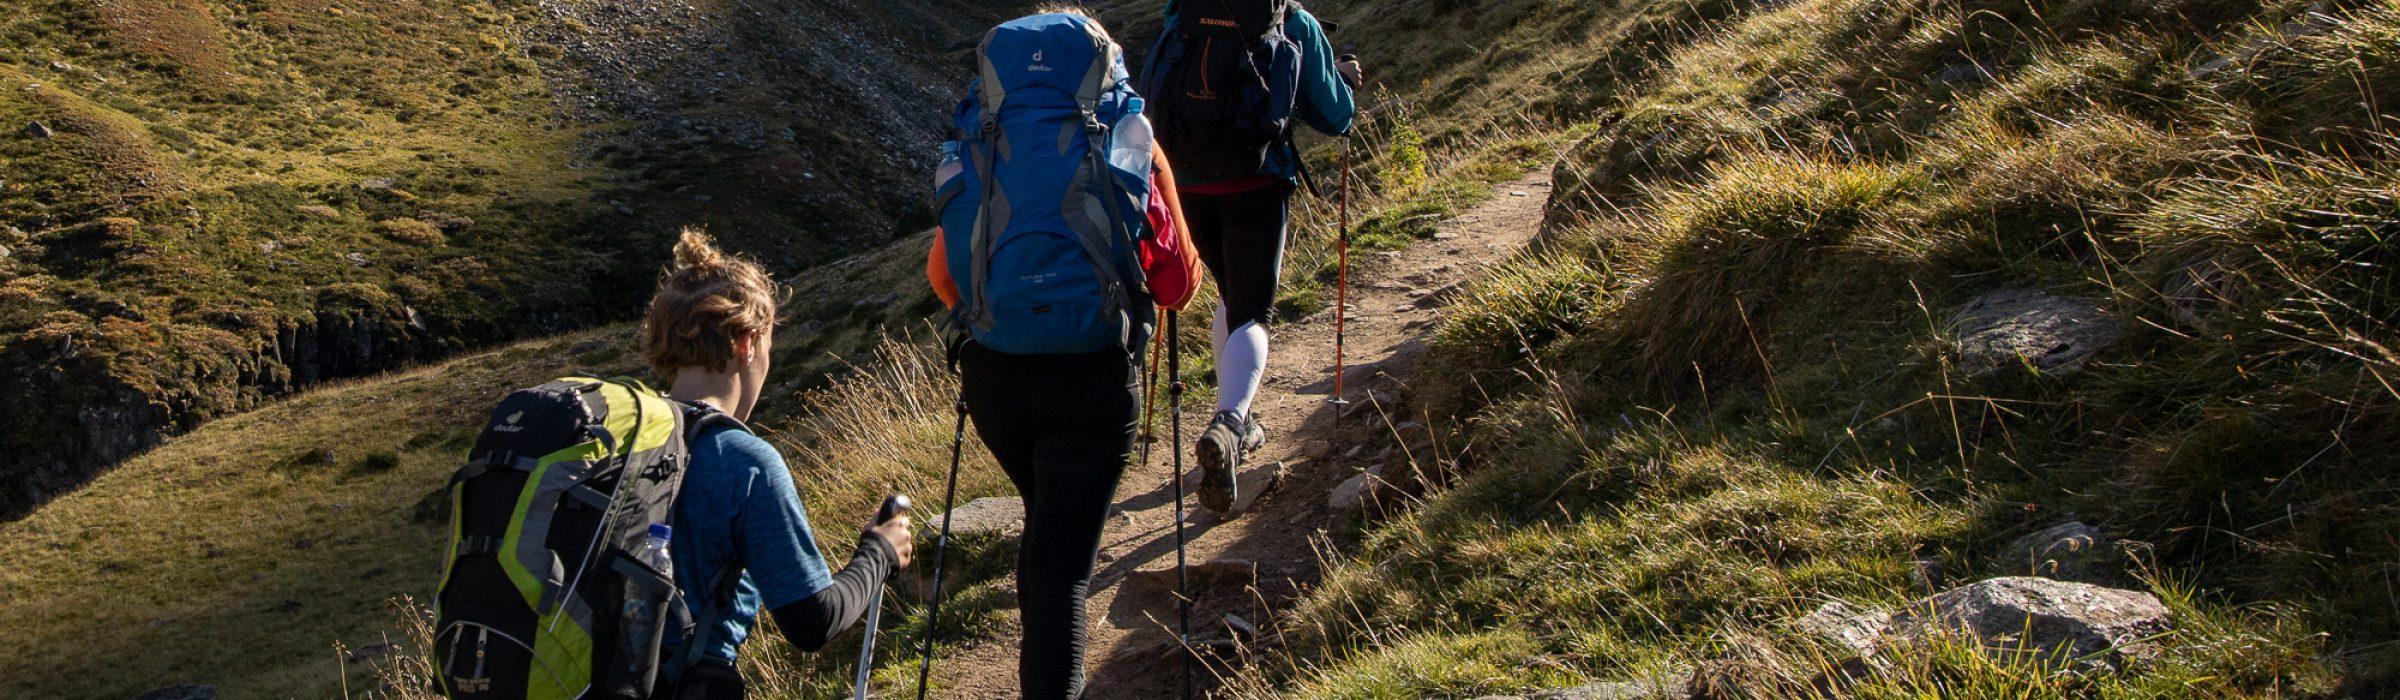 Studienfahrt Alpenüberquerung